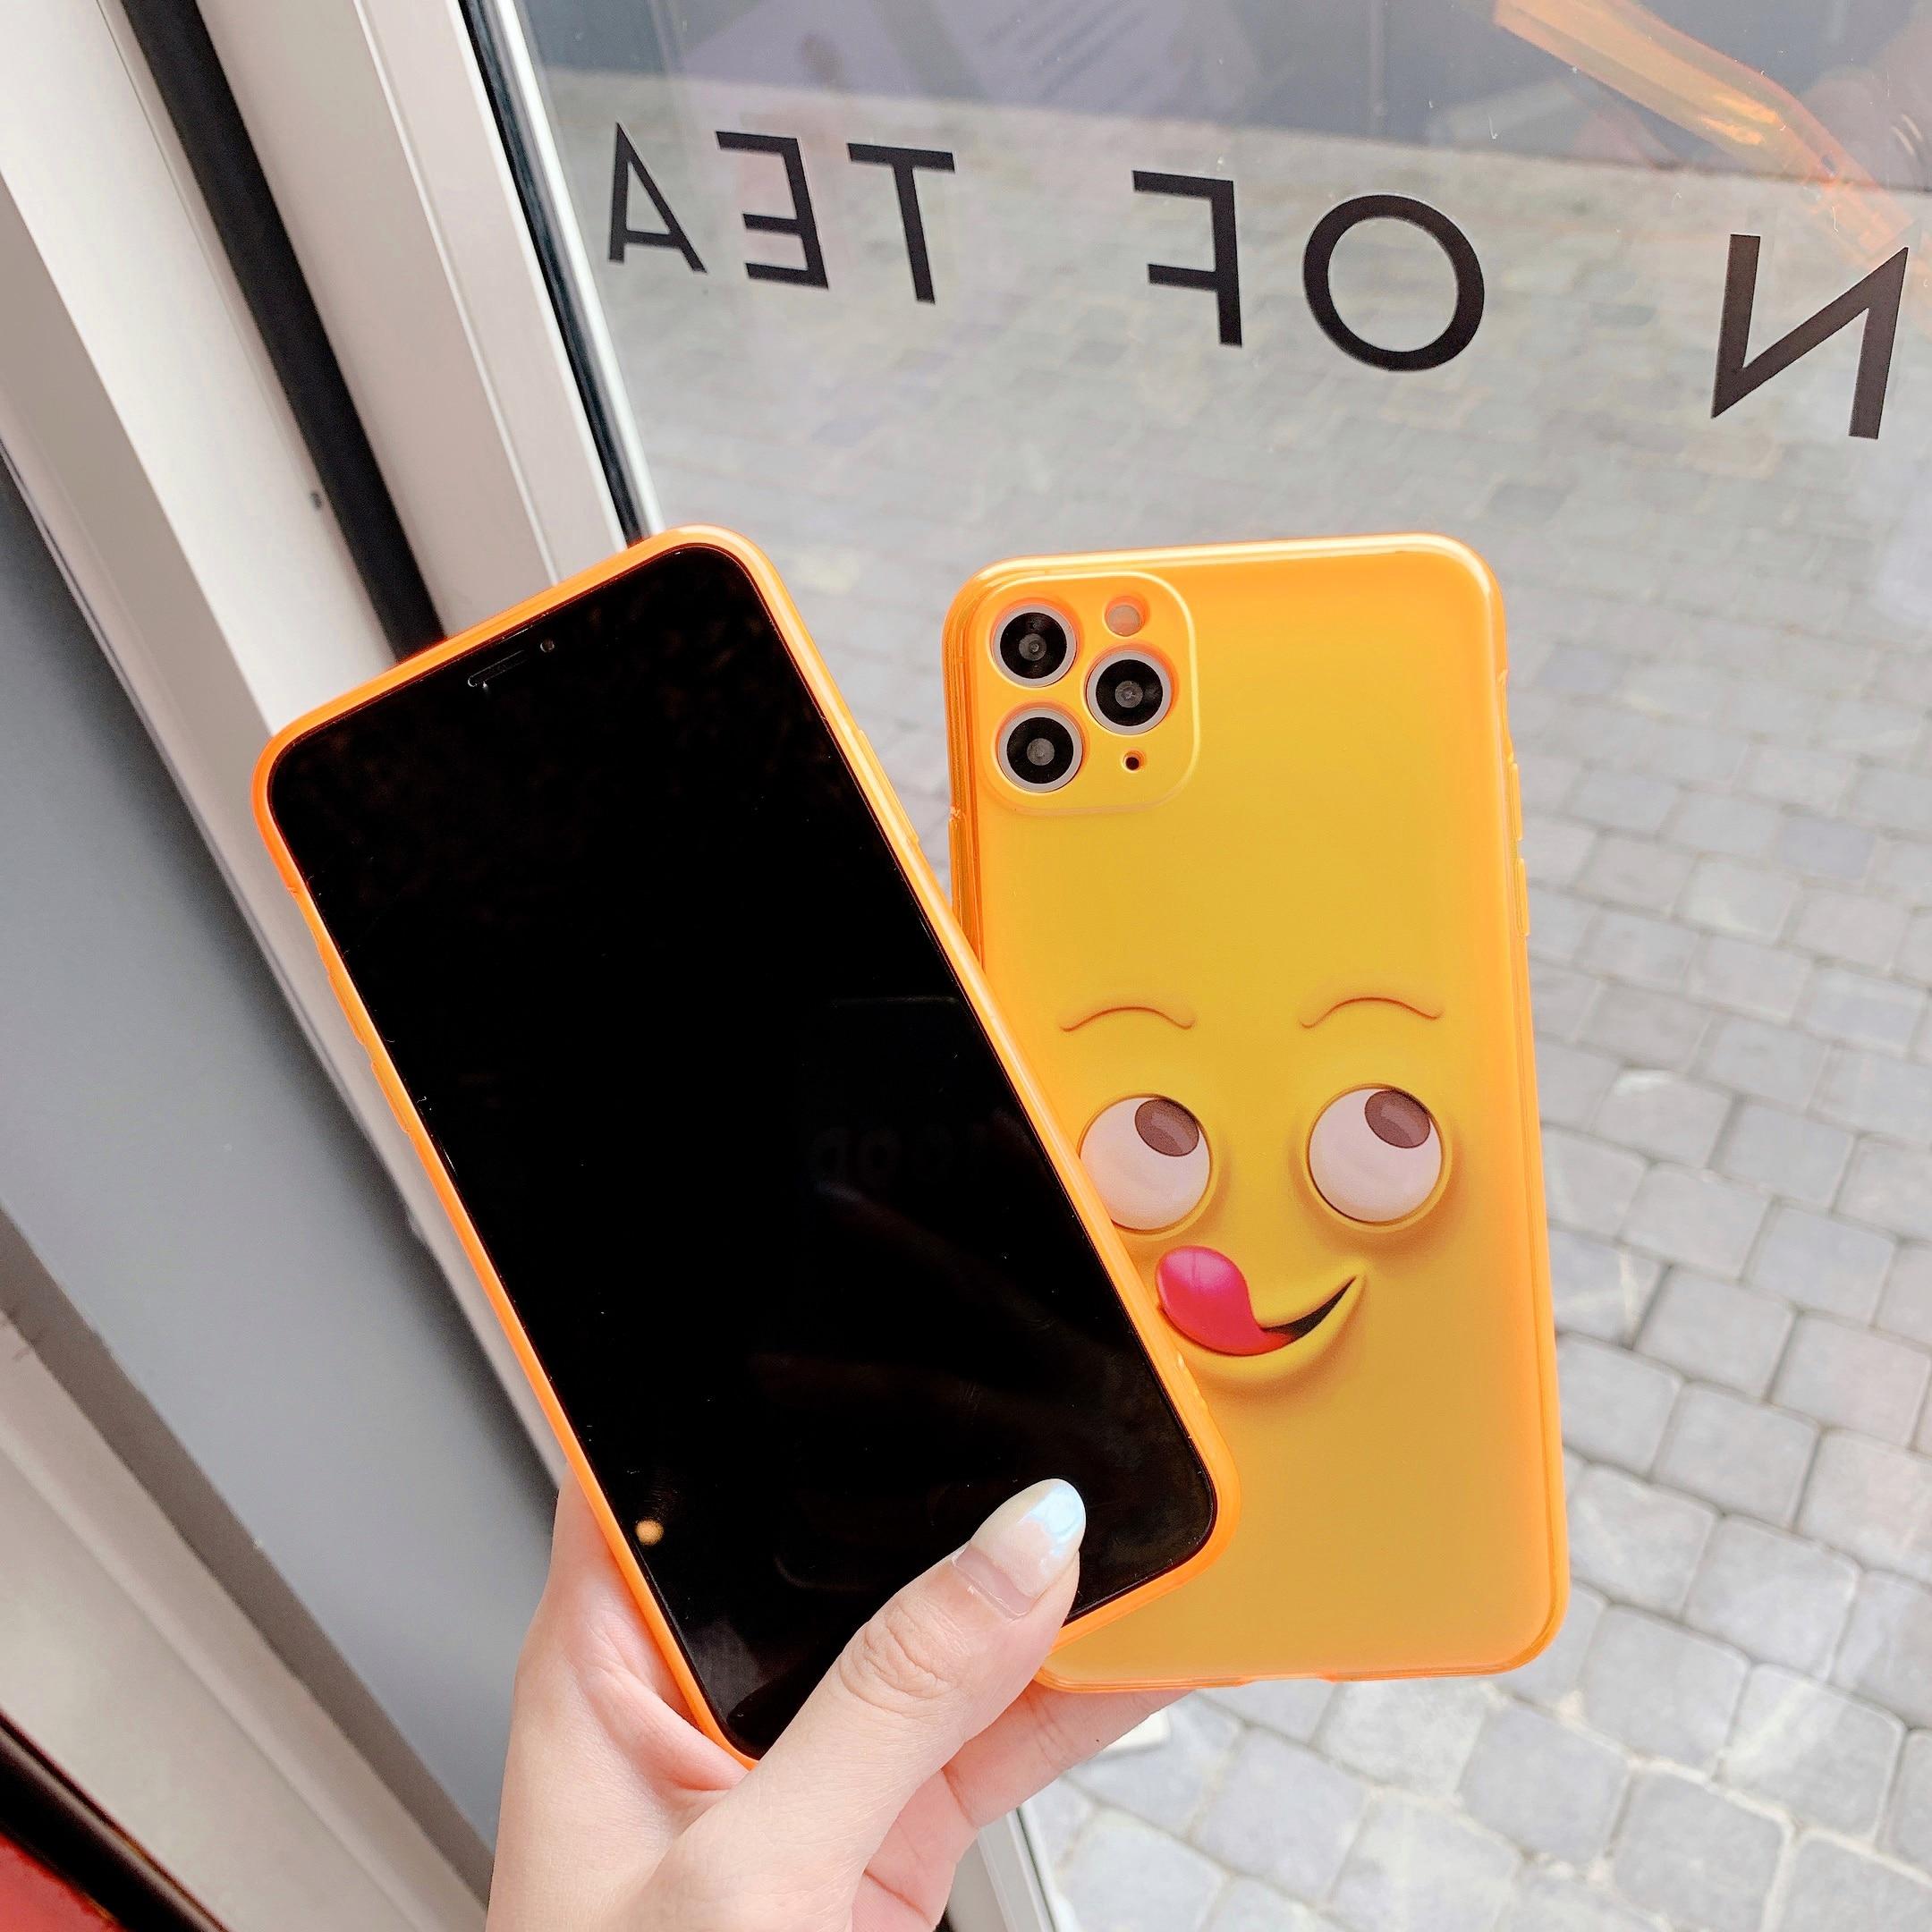 AppleiPhone 7 6 6s 8 Plus X XR XS Max divertido teléfono caso suave de moda Squ teléfono caso